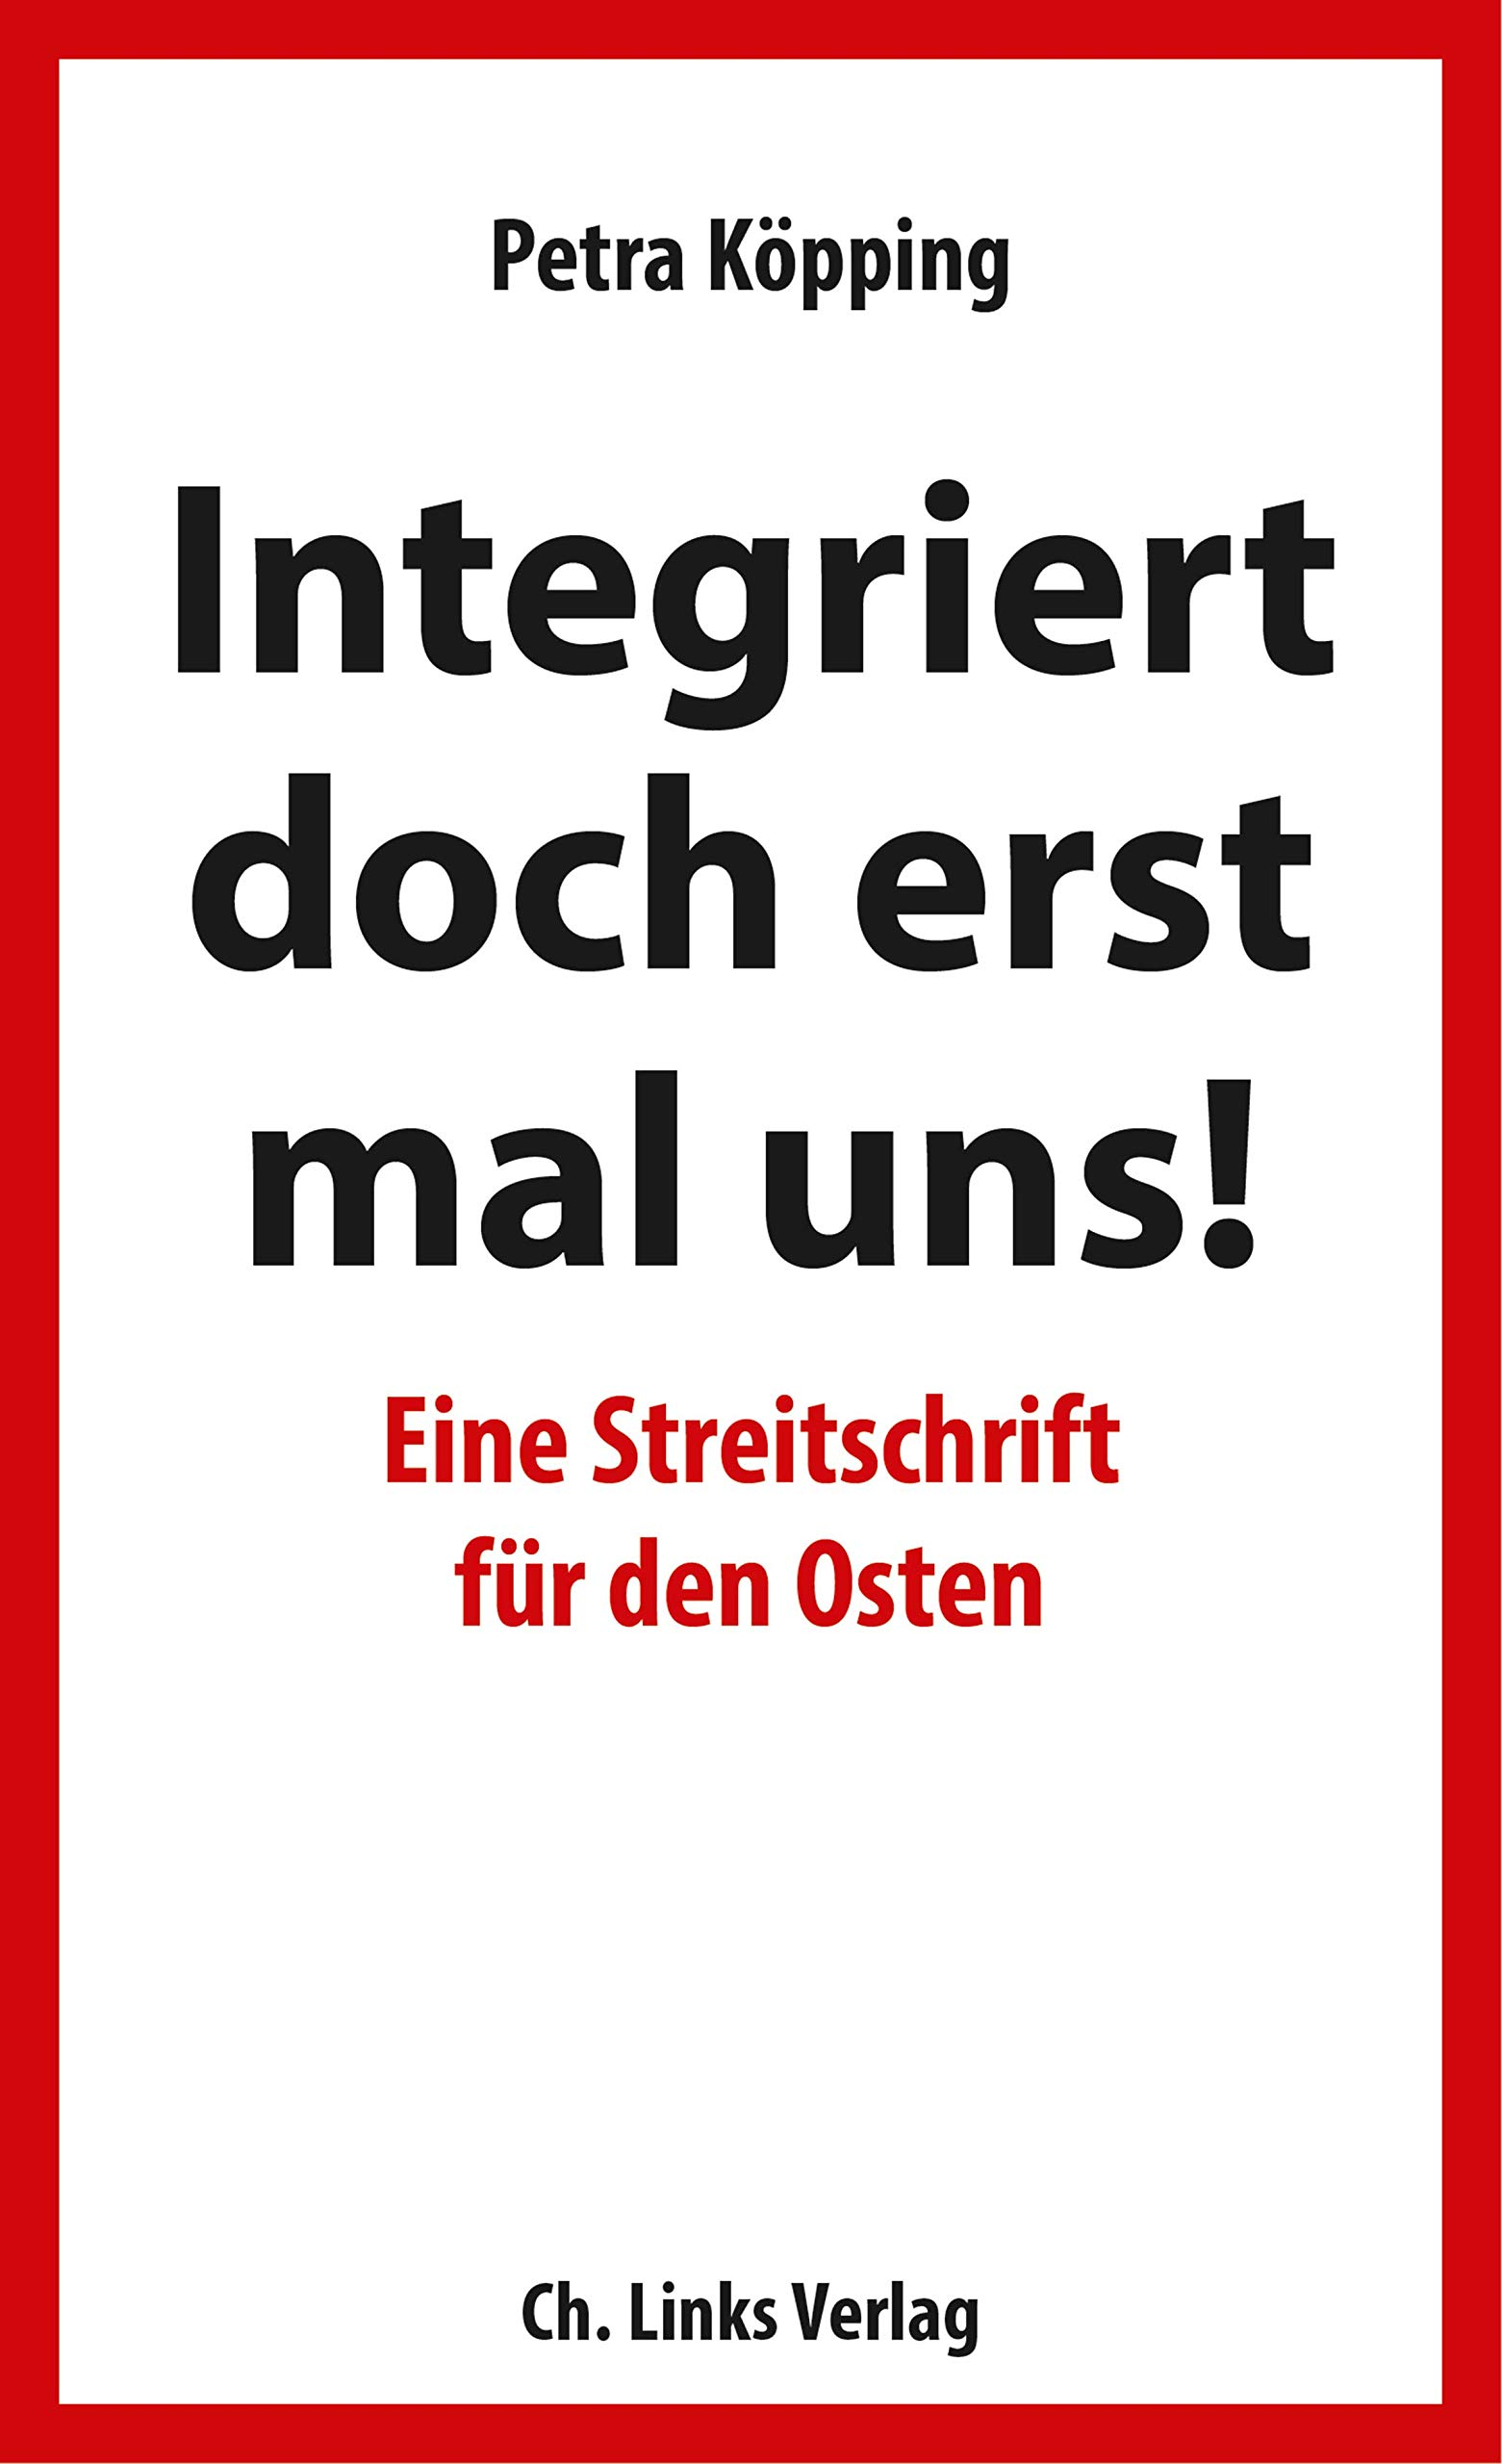 »Integriert doch erst mal uns!« - Eine Streitschrift für den Osten Taschenbuch – 5. September 2018 Petra Köpping Ch. Links Verlag 3962890092 Ostdeutschland